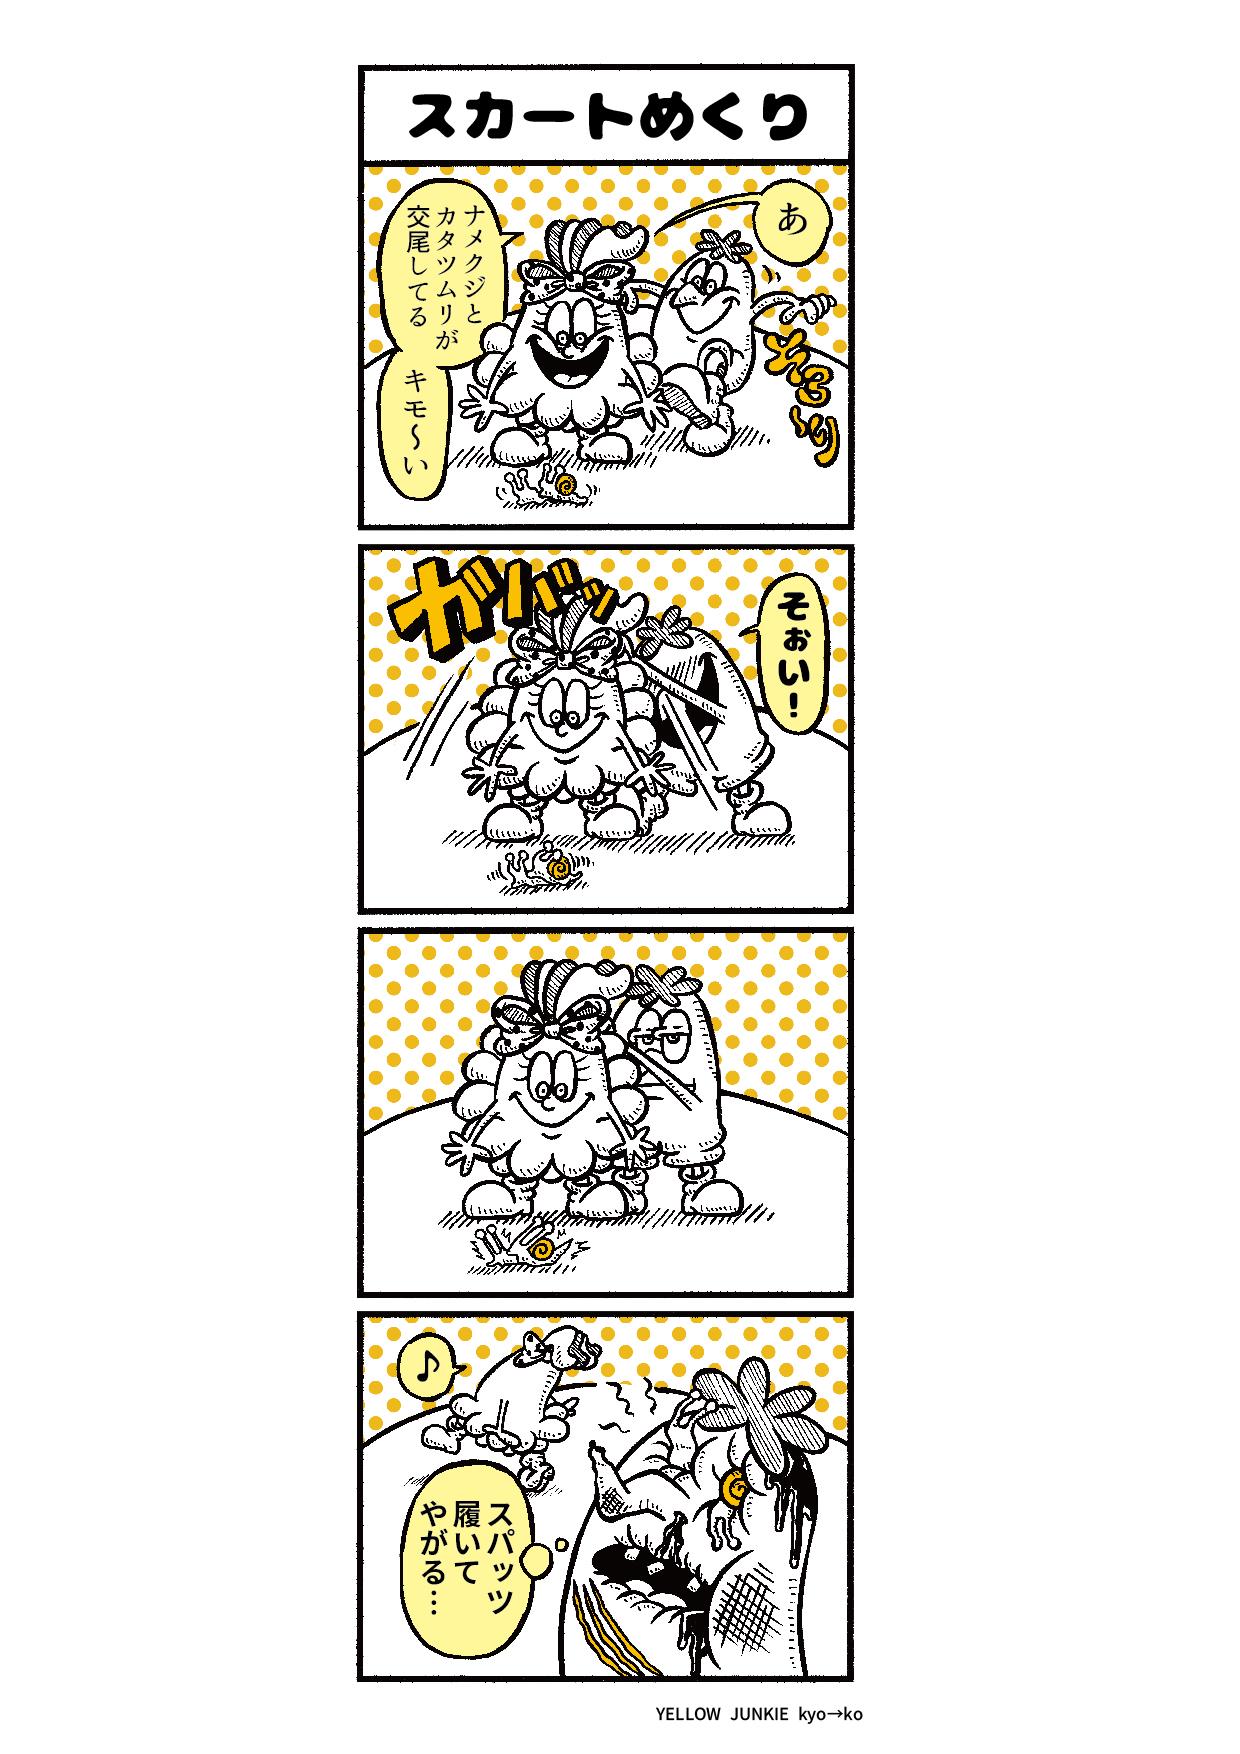 YELLOW JUNKIE「17話:スカートめくり」